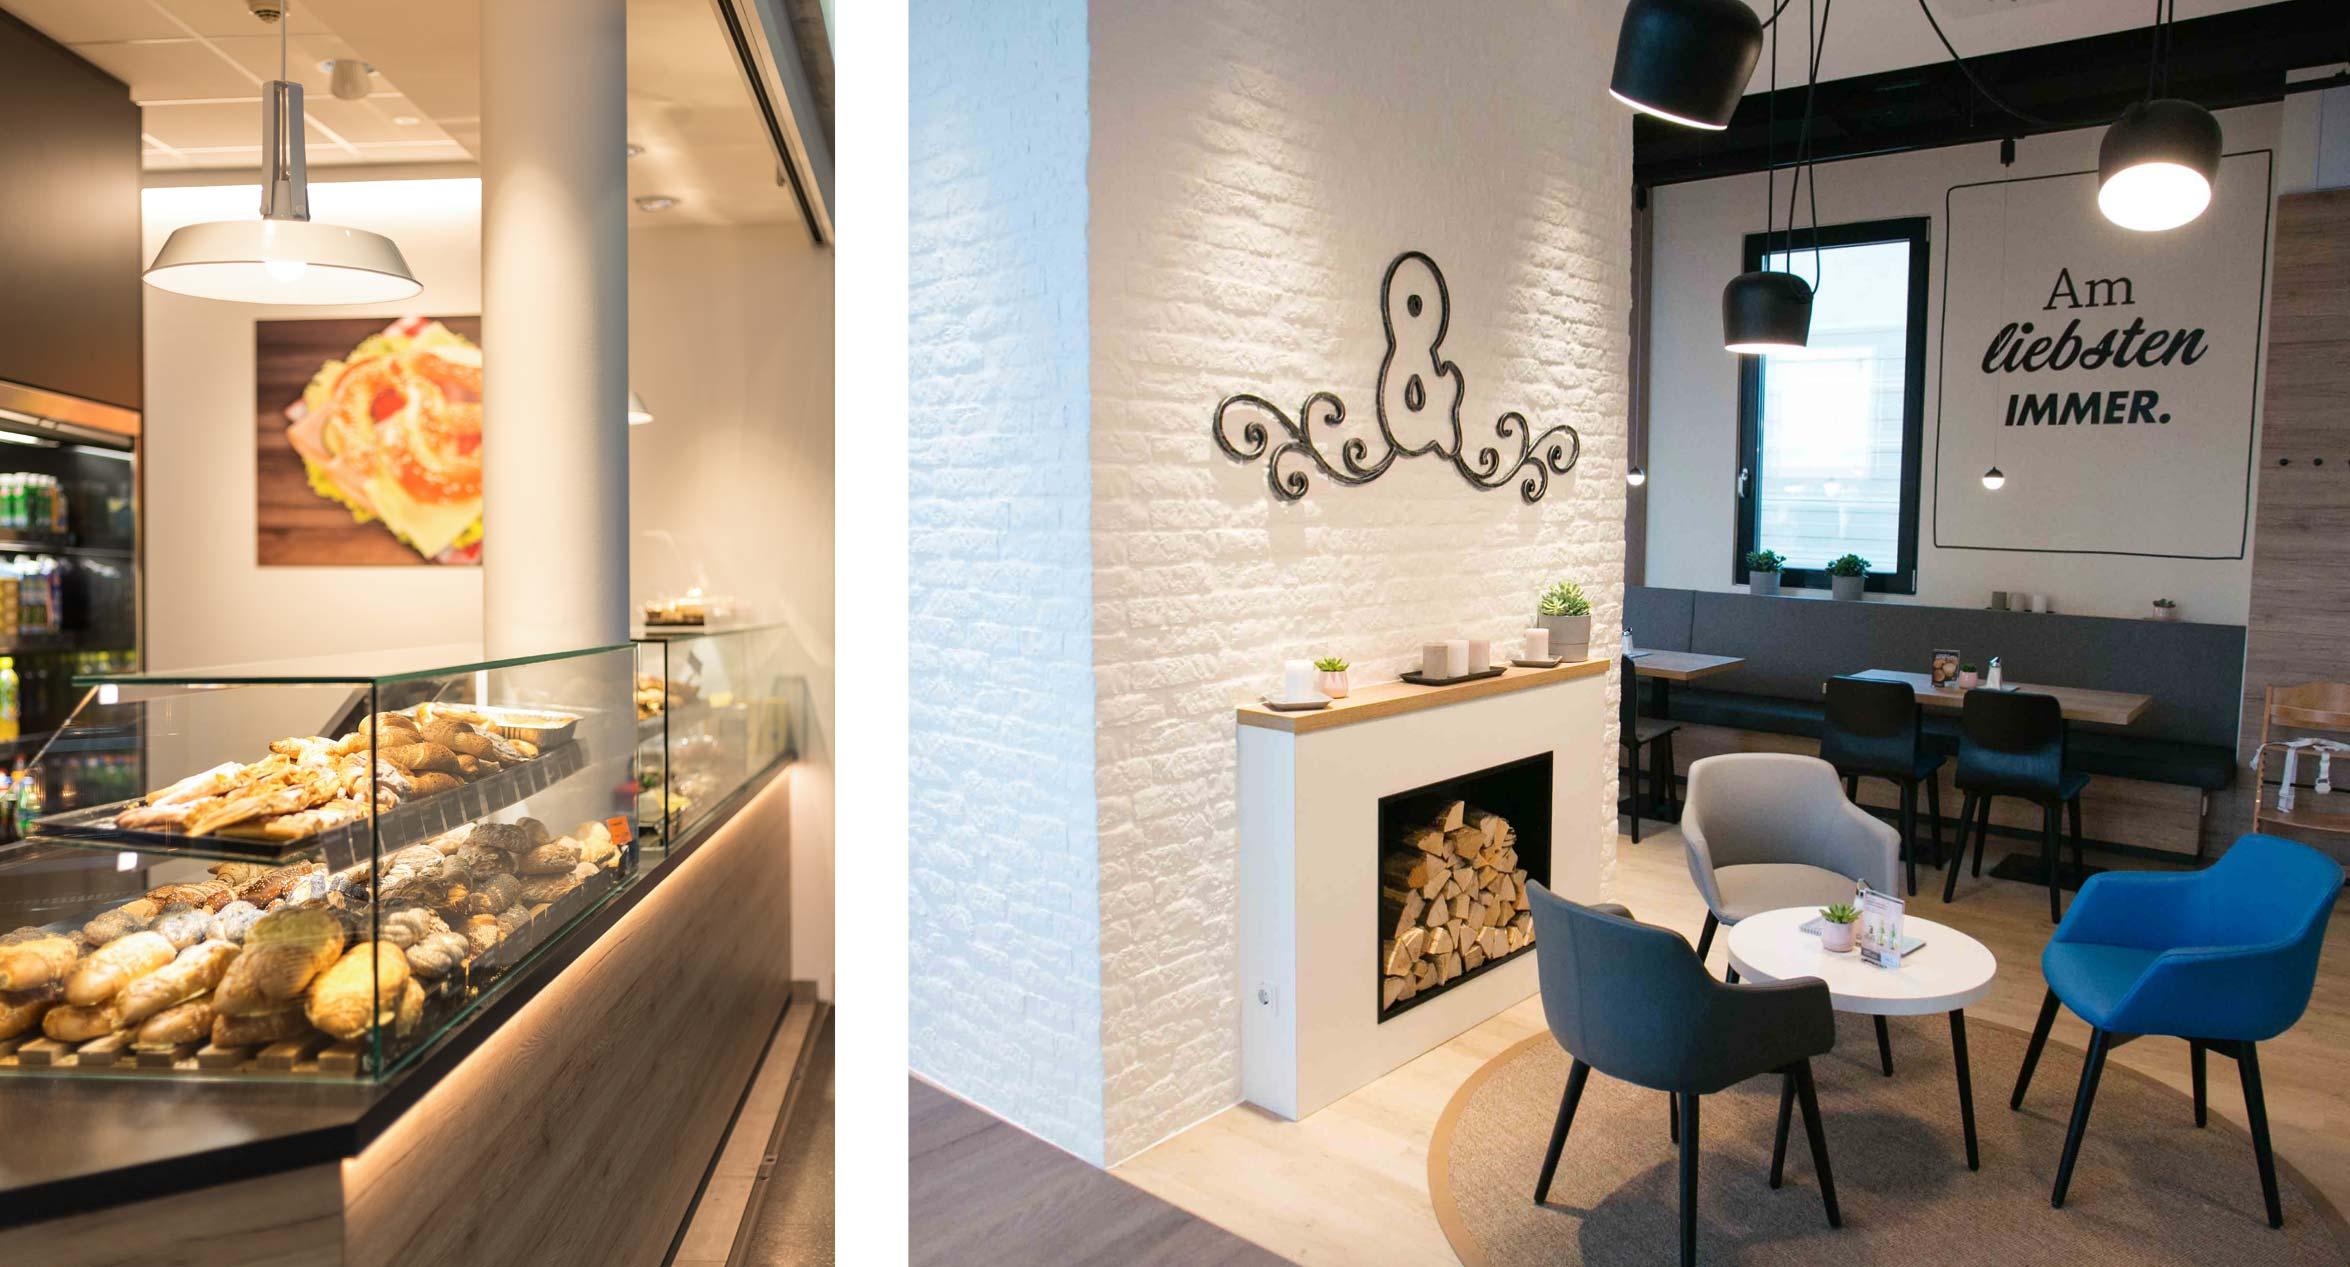 Bäckereieinrichtung von Vrana Shopdesign